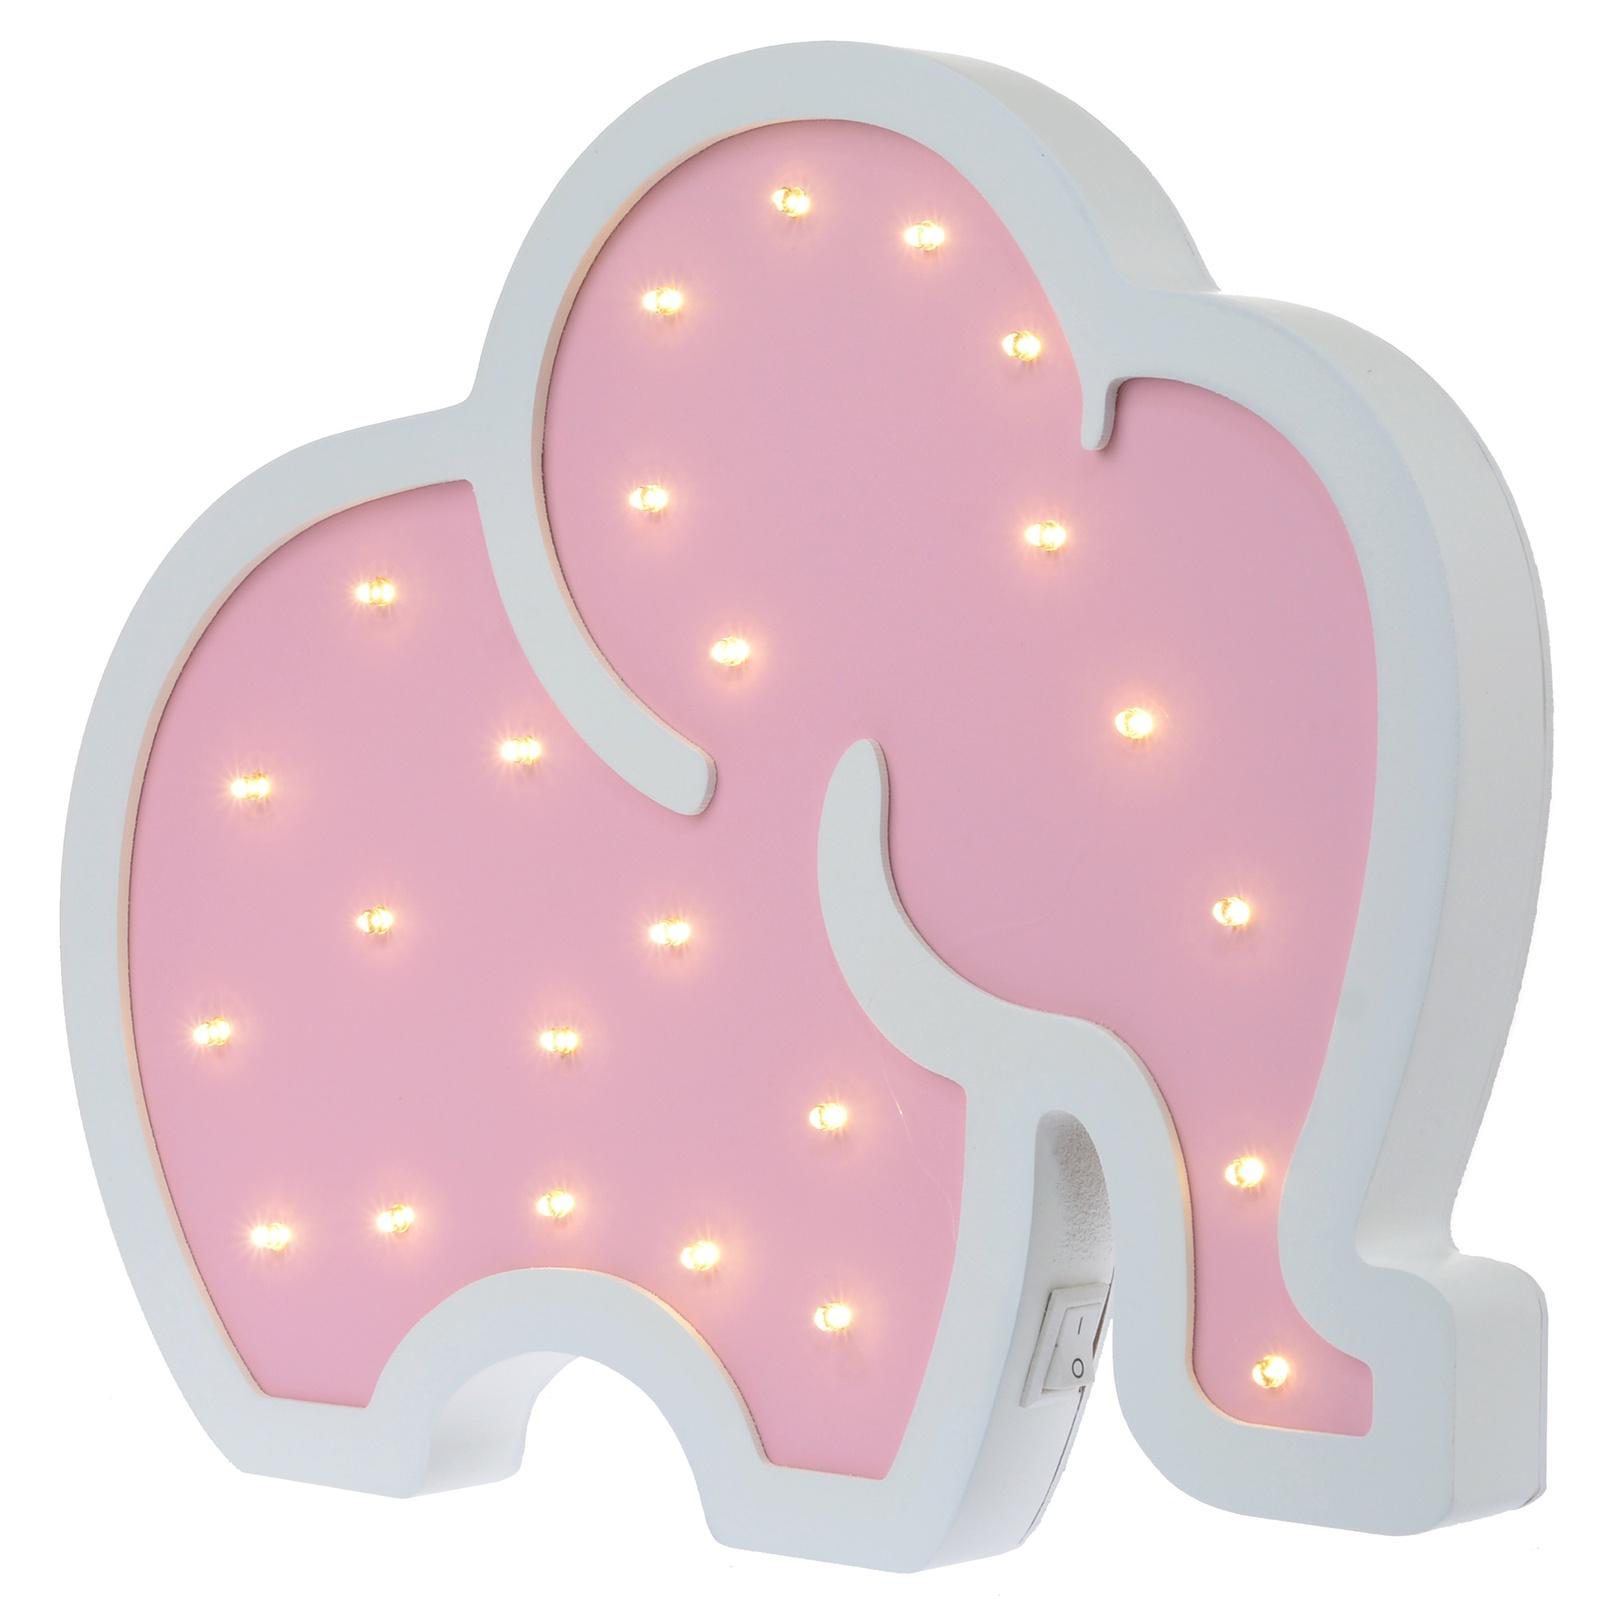 Детский ночник: незаменимый атрибут комнаты вашего ребенка